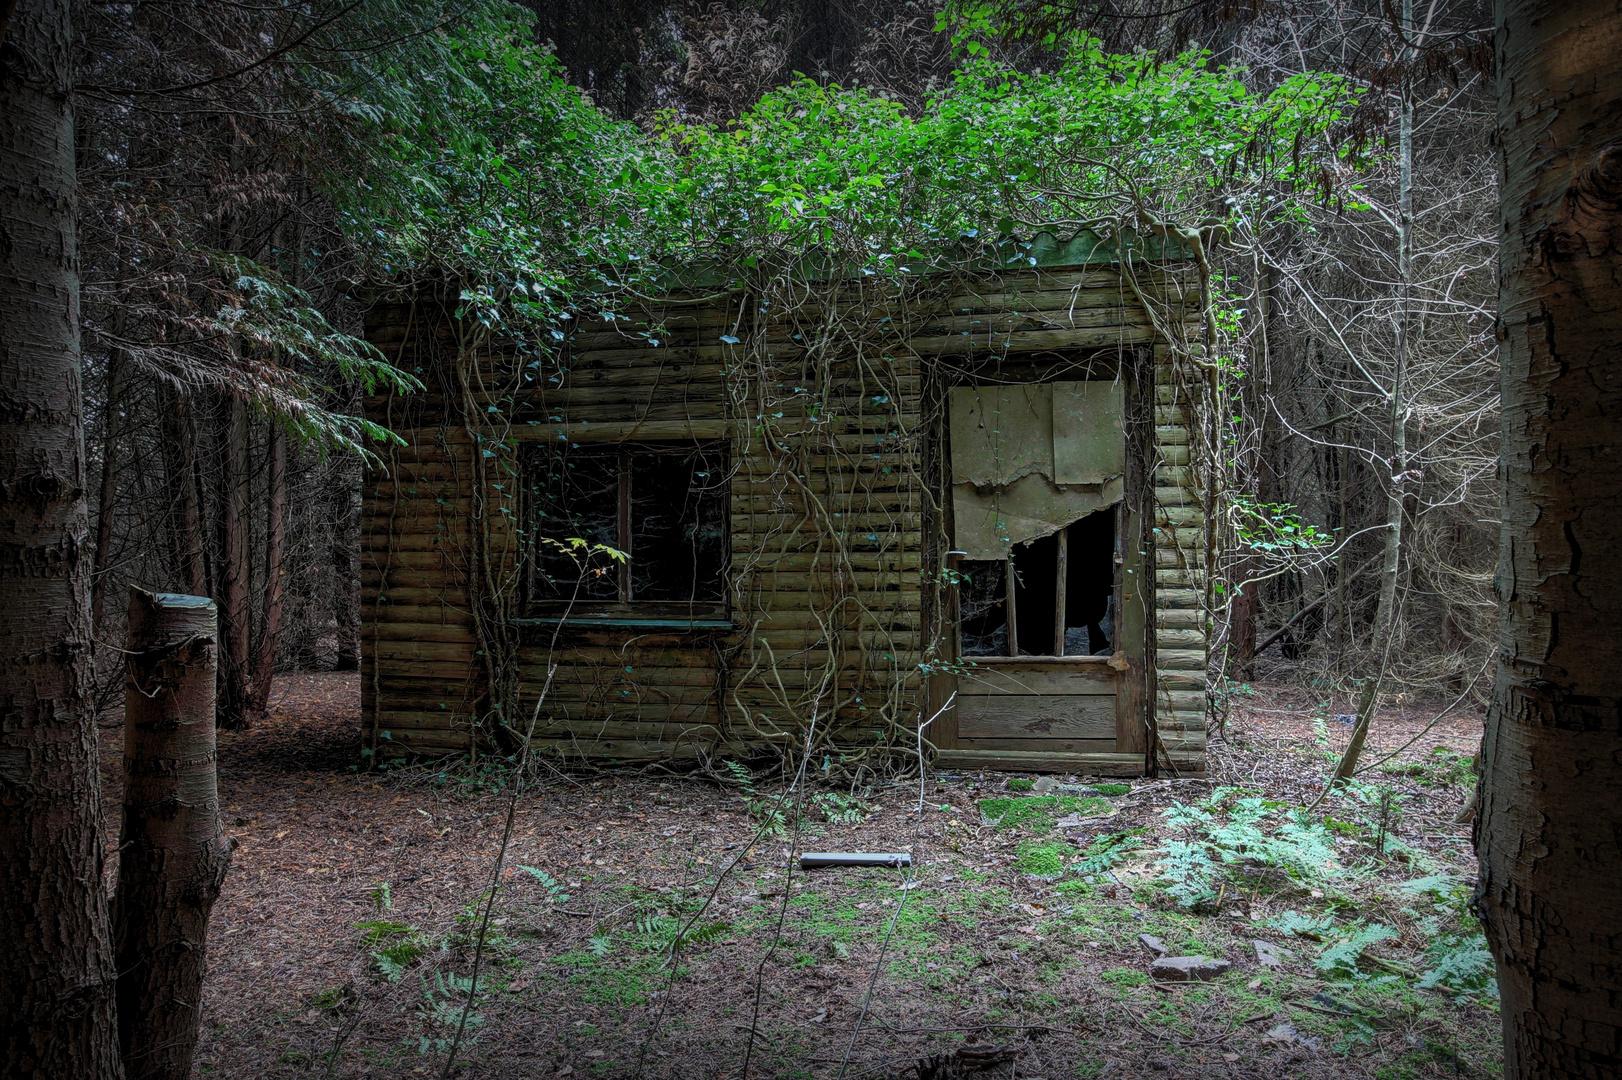 kleine h tte versteckt im wald foto bild lostplaces urbanexploration motive bilder auf. Black Bedroom Furniture Sets. Home Design Ideas